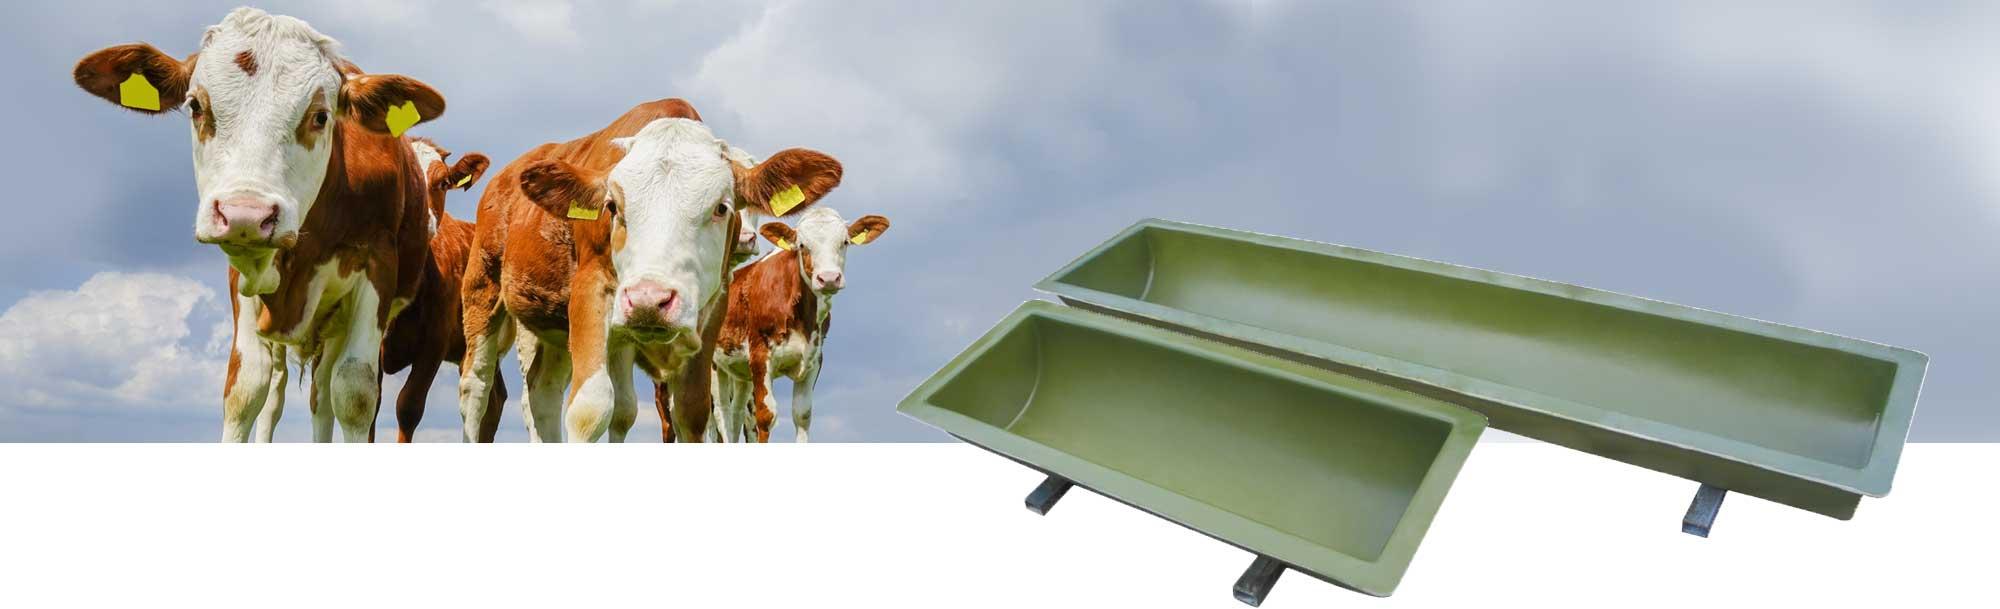 Futtertröge füer die Landwirtschaft